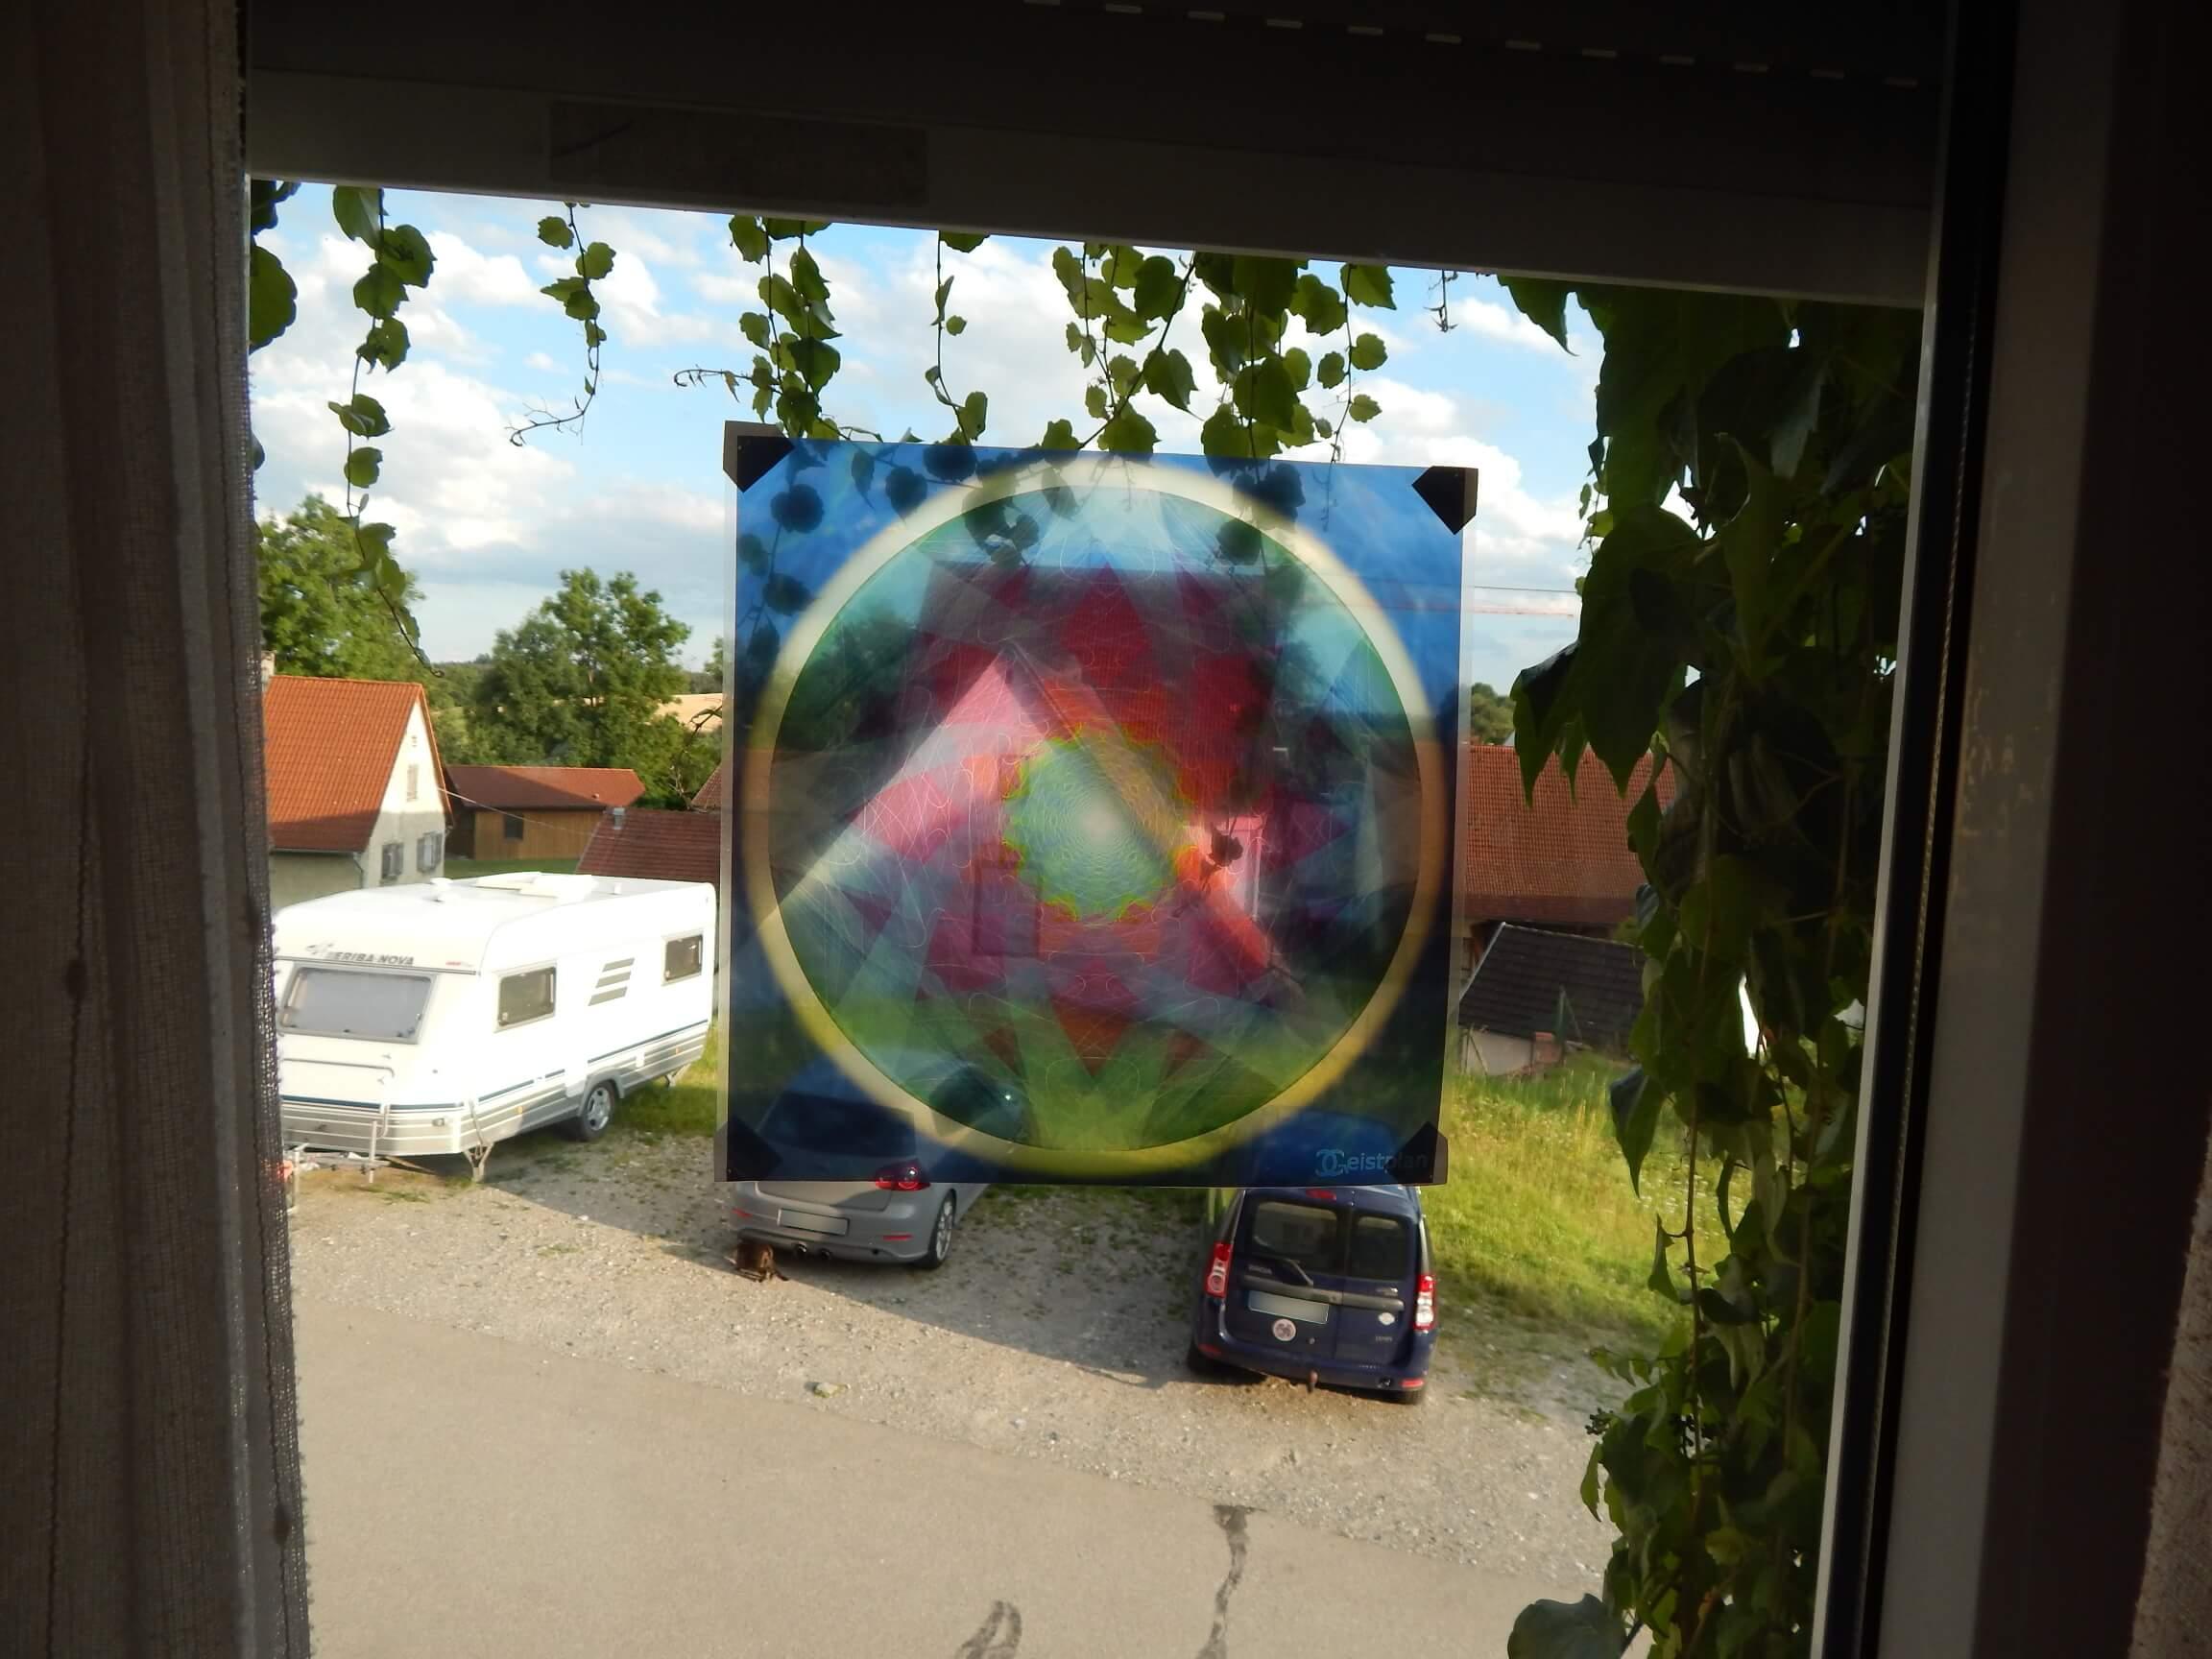 Foto von einem Fensterbild welches ein Mandala abbildet. Farben des Mandalas Rot, Blau, Gruen und Gelb